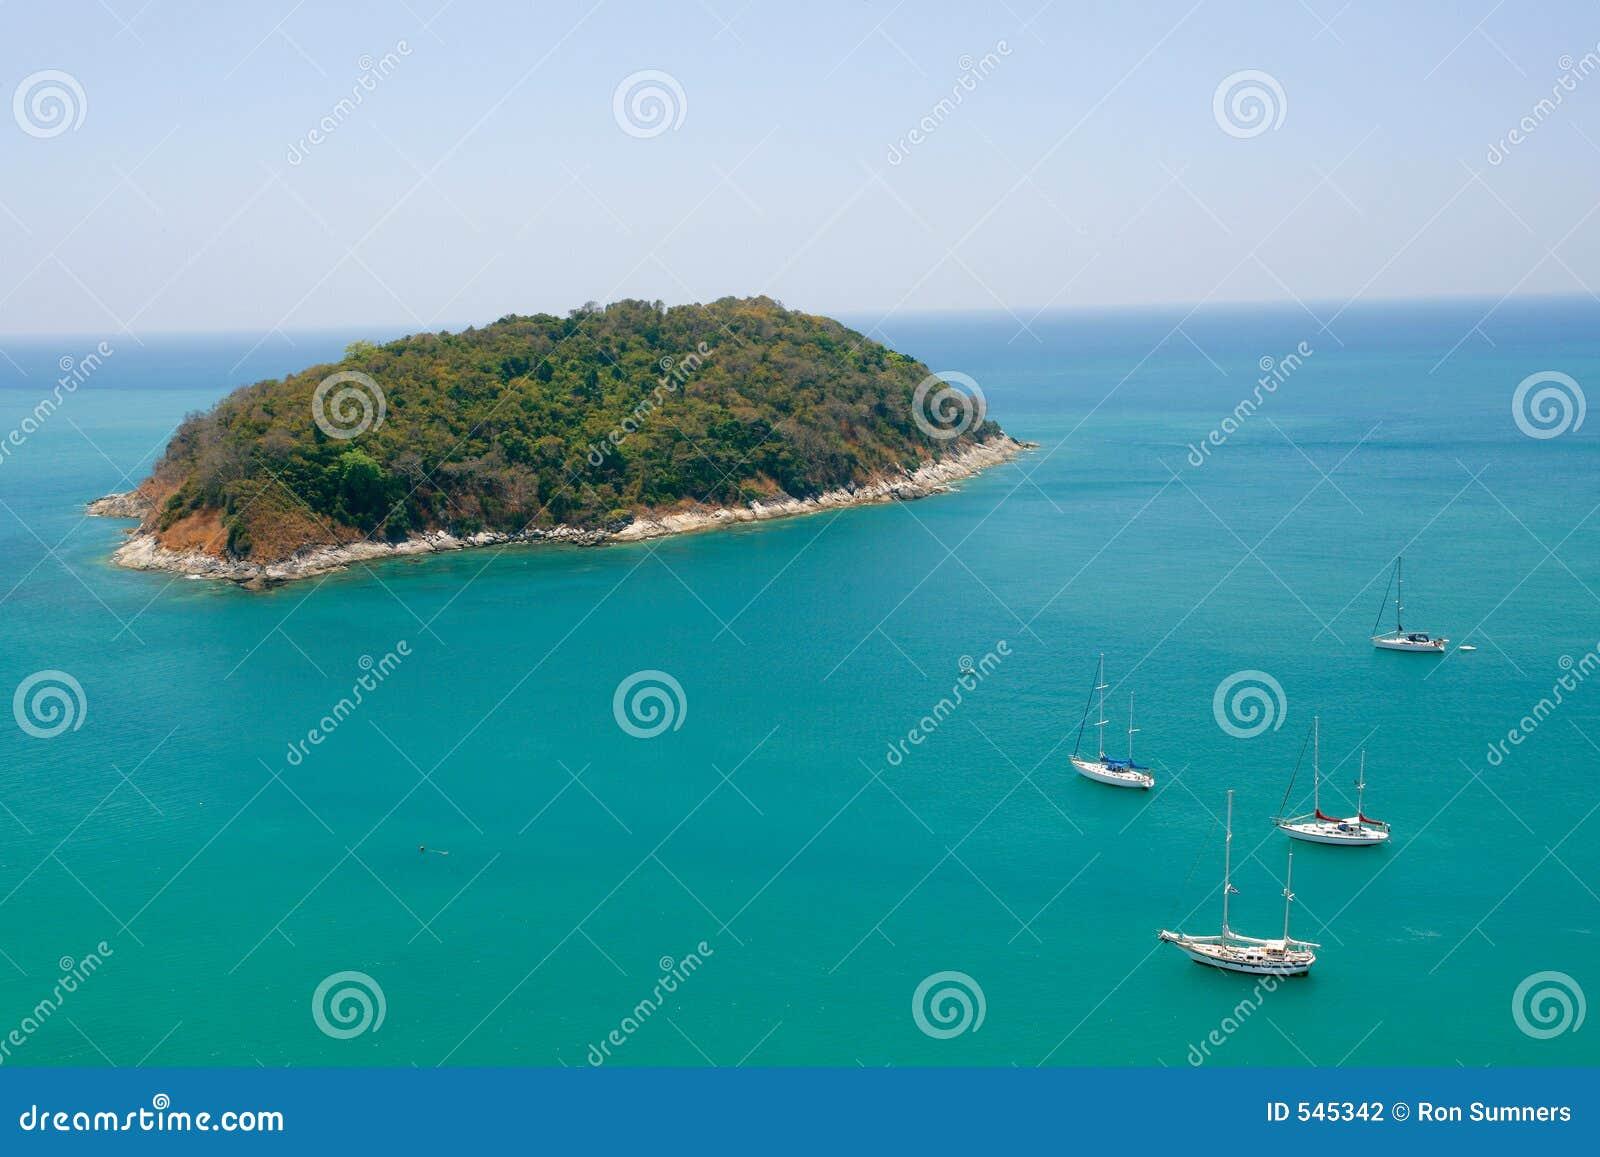 Download 海岛绿洲 库存照片. 图片 包括有 沙子, 休闲, 结算, 节假日, 火箭筒, 天空, 小船, 海岸, 风帆 - 545342